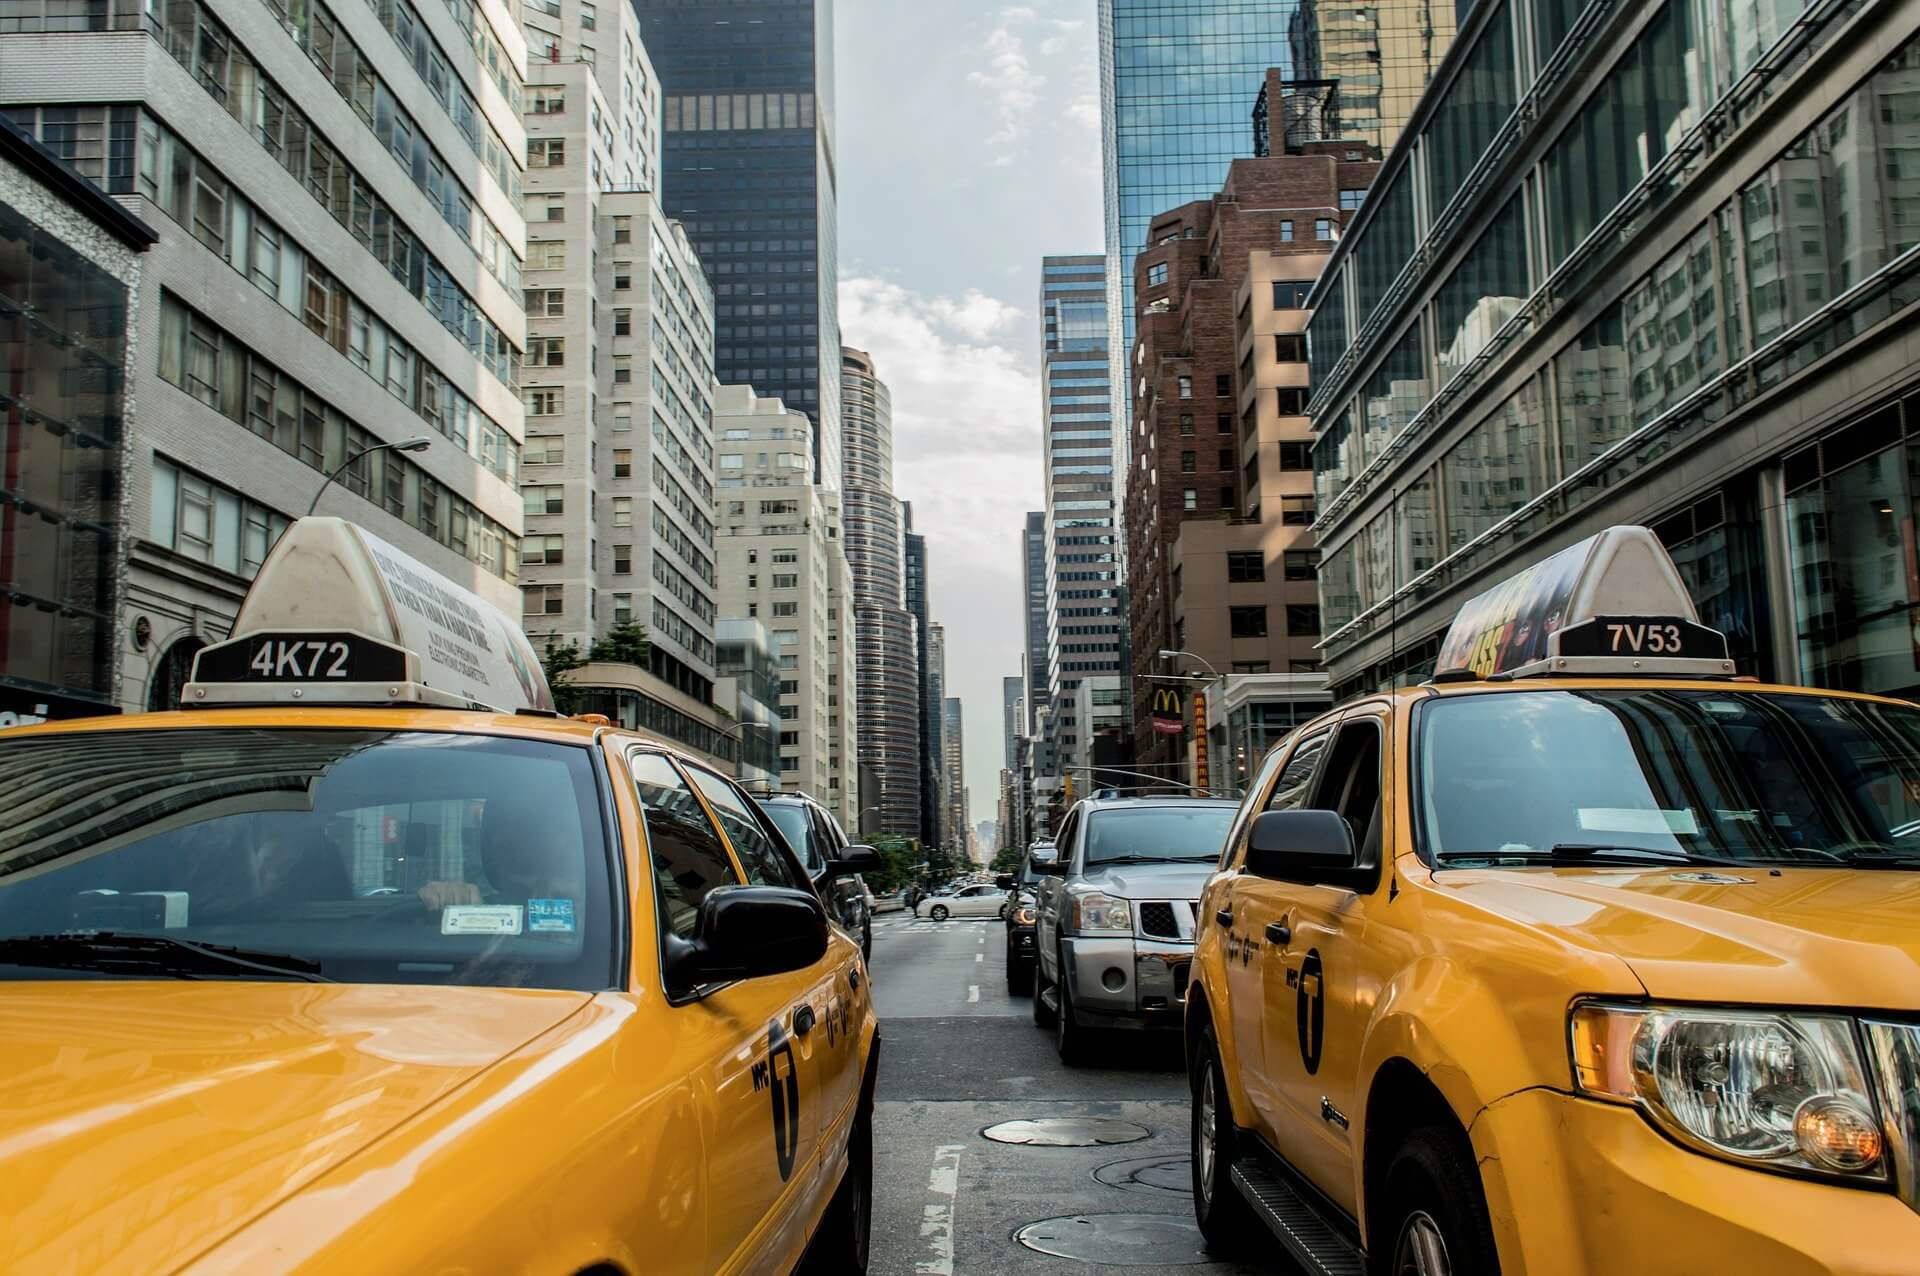 taxi-381233_1920 (6)